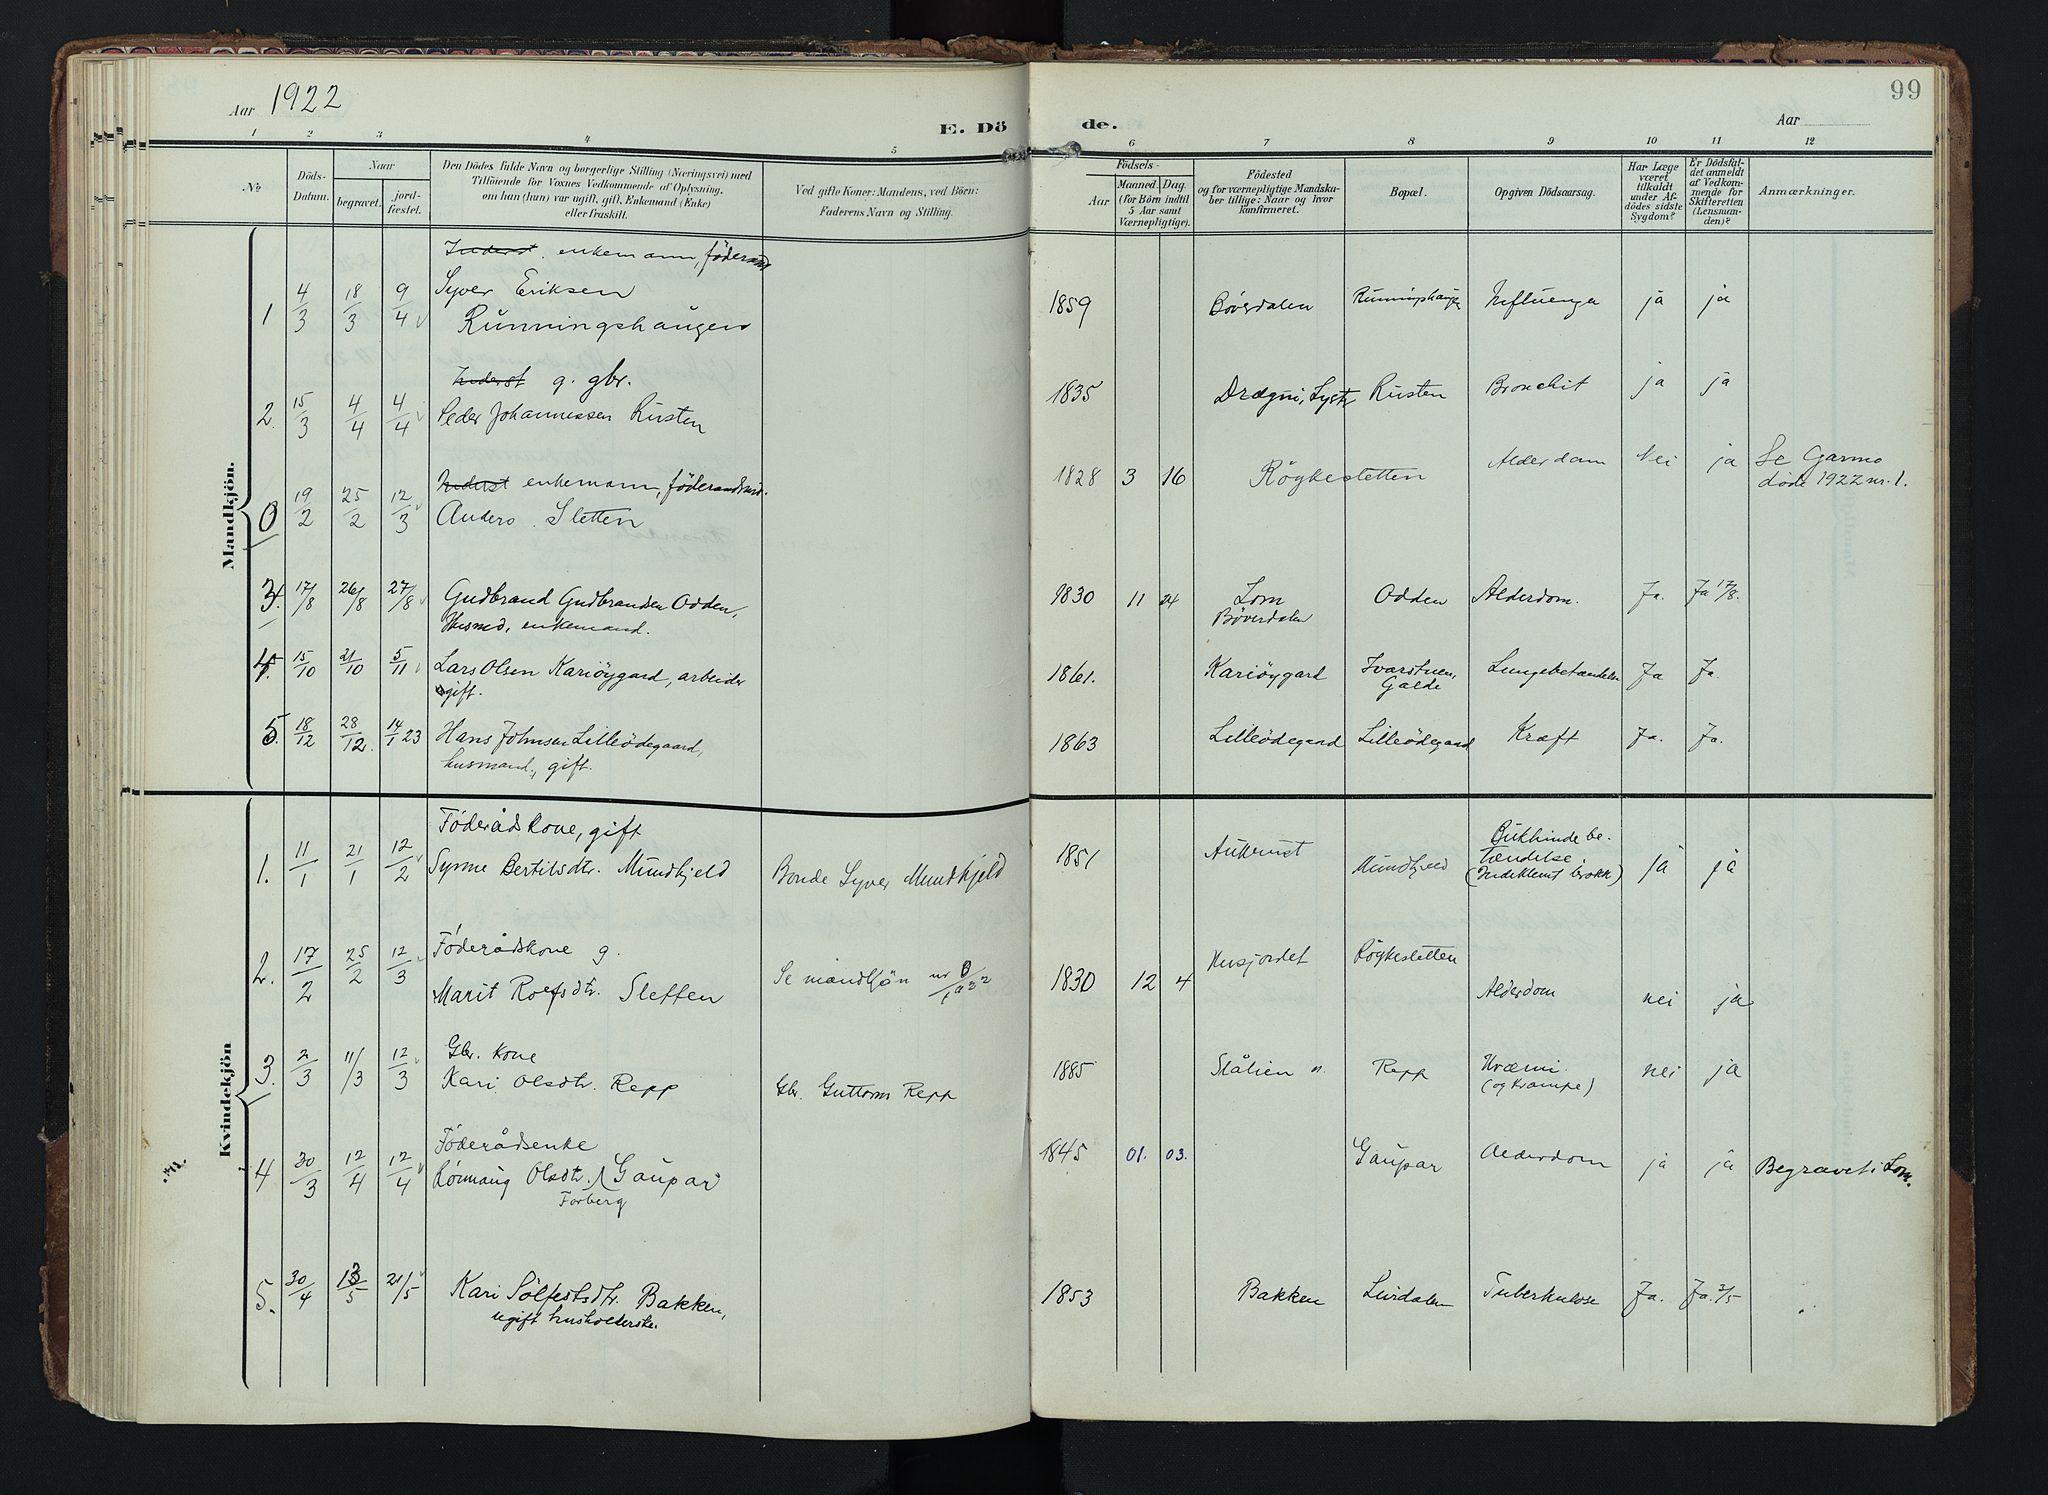 SAH, Lom prestekontor, K/L0012: Ministerialbok nr. 12, 1904-1928, s. 99